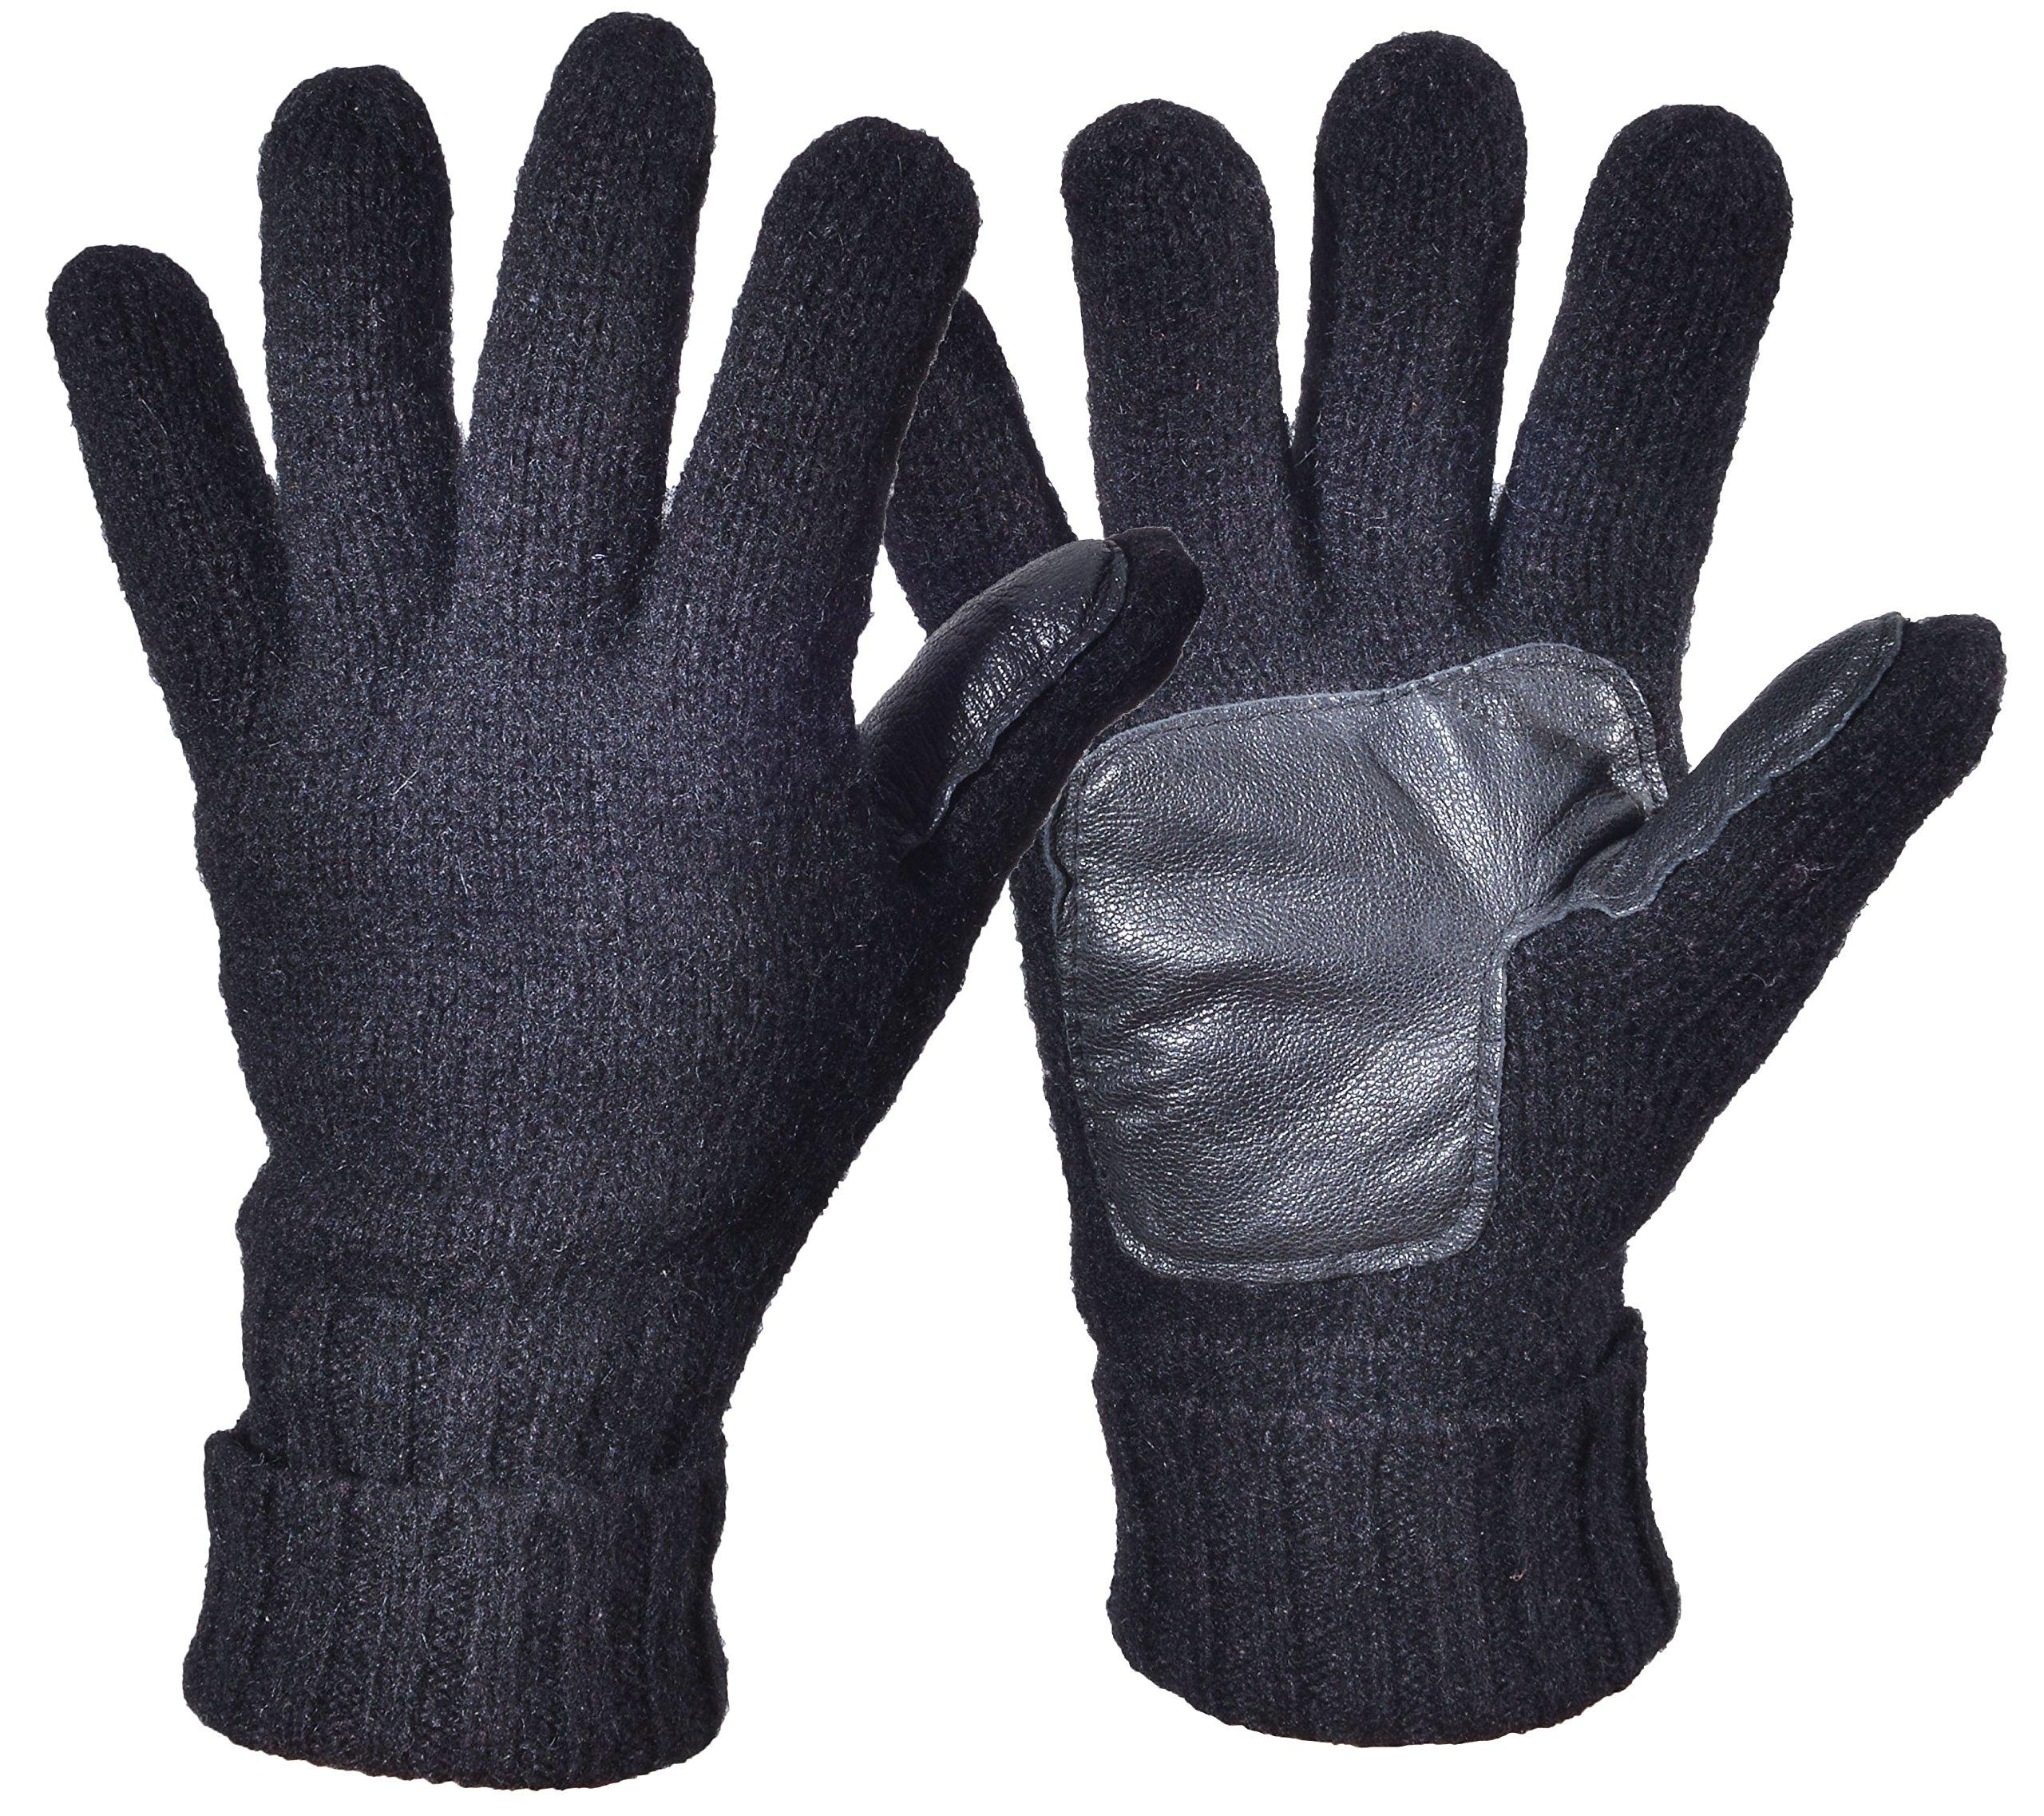 Woogwin Men's Winter Wool Knit Gloves Thick Fleece Lined Warm Non Slip Gloves (Black)